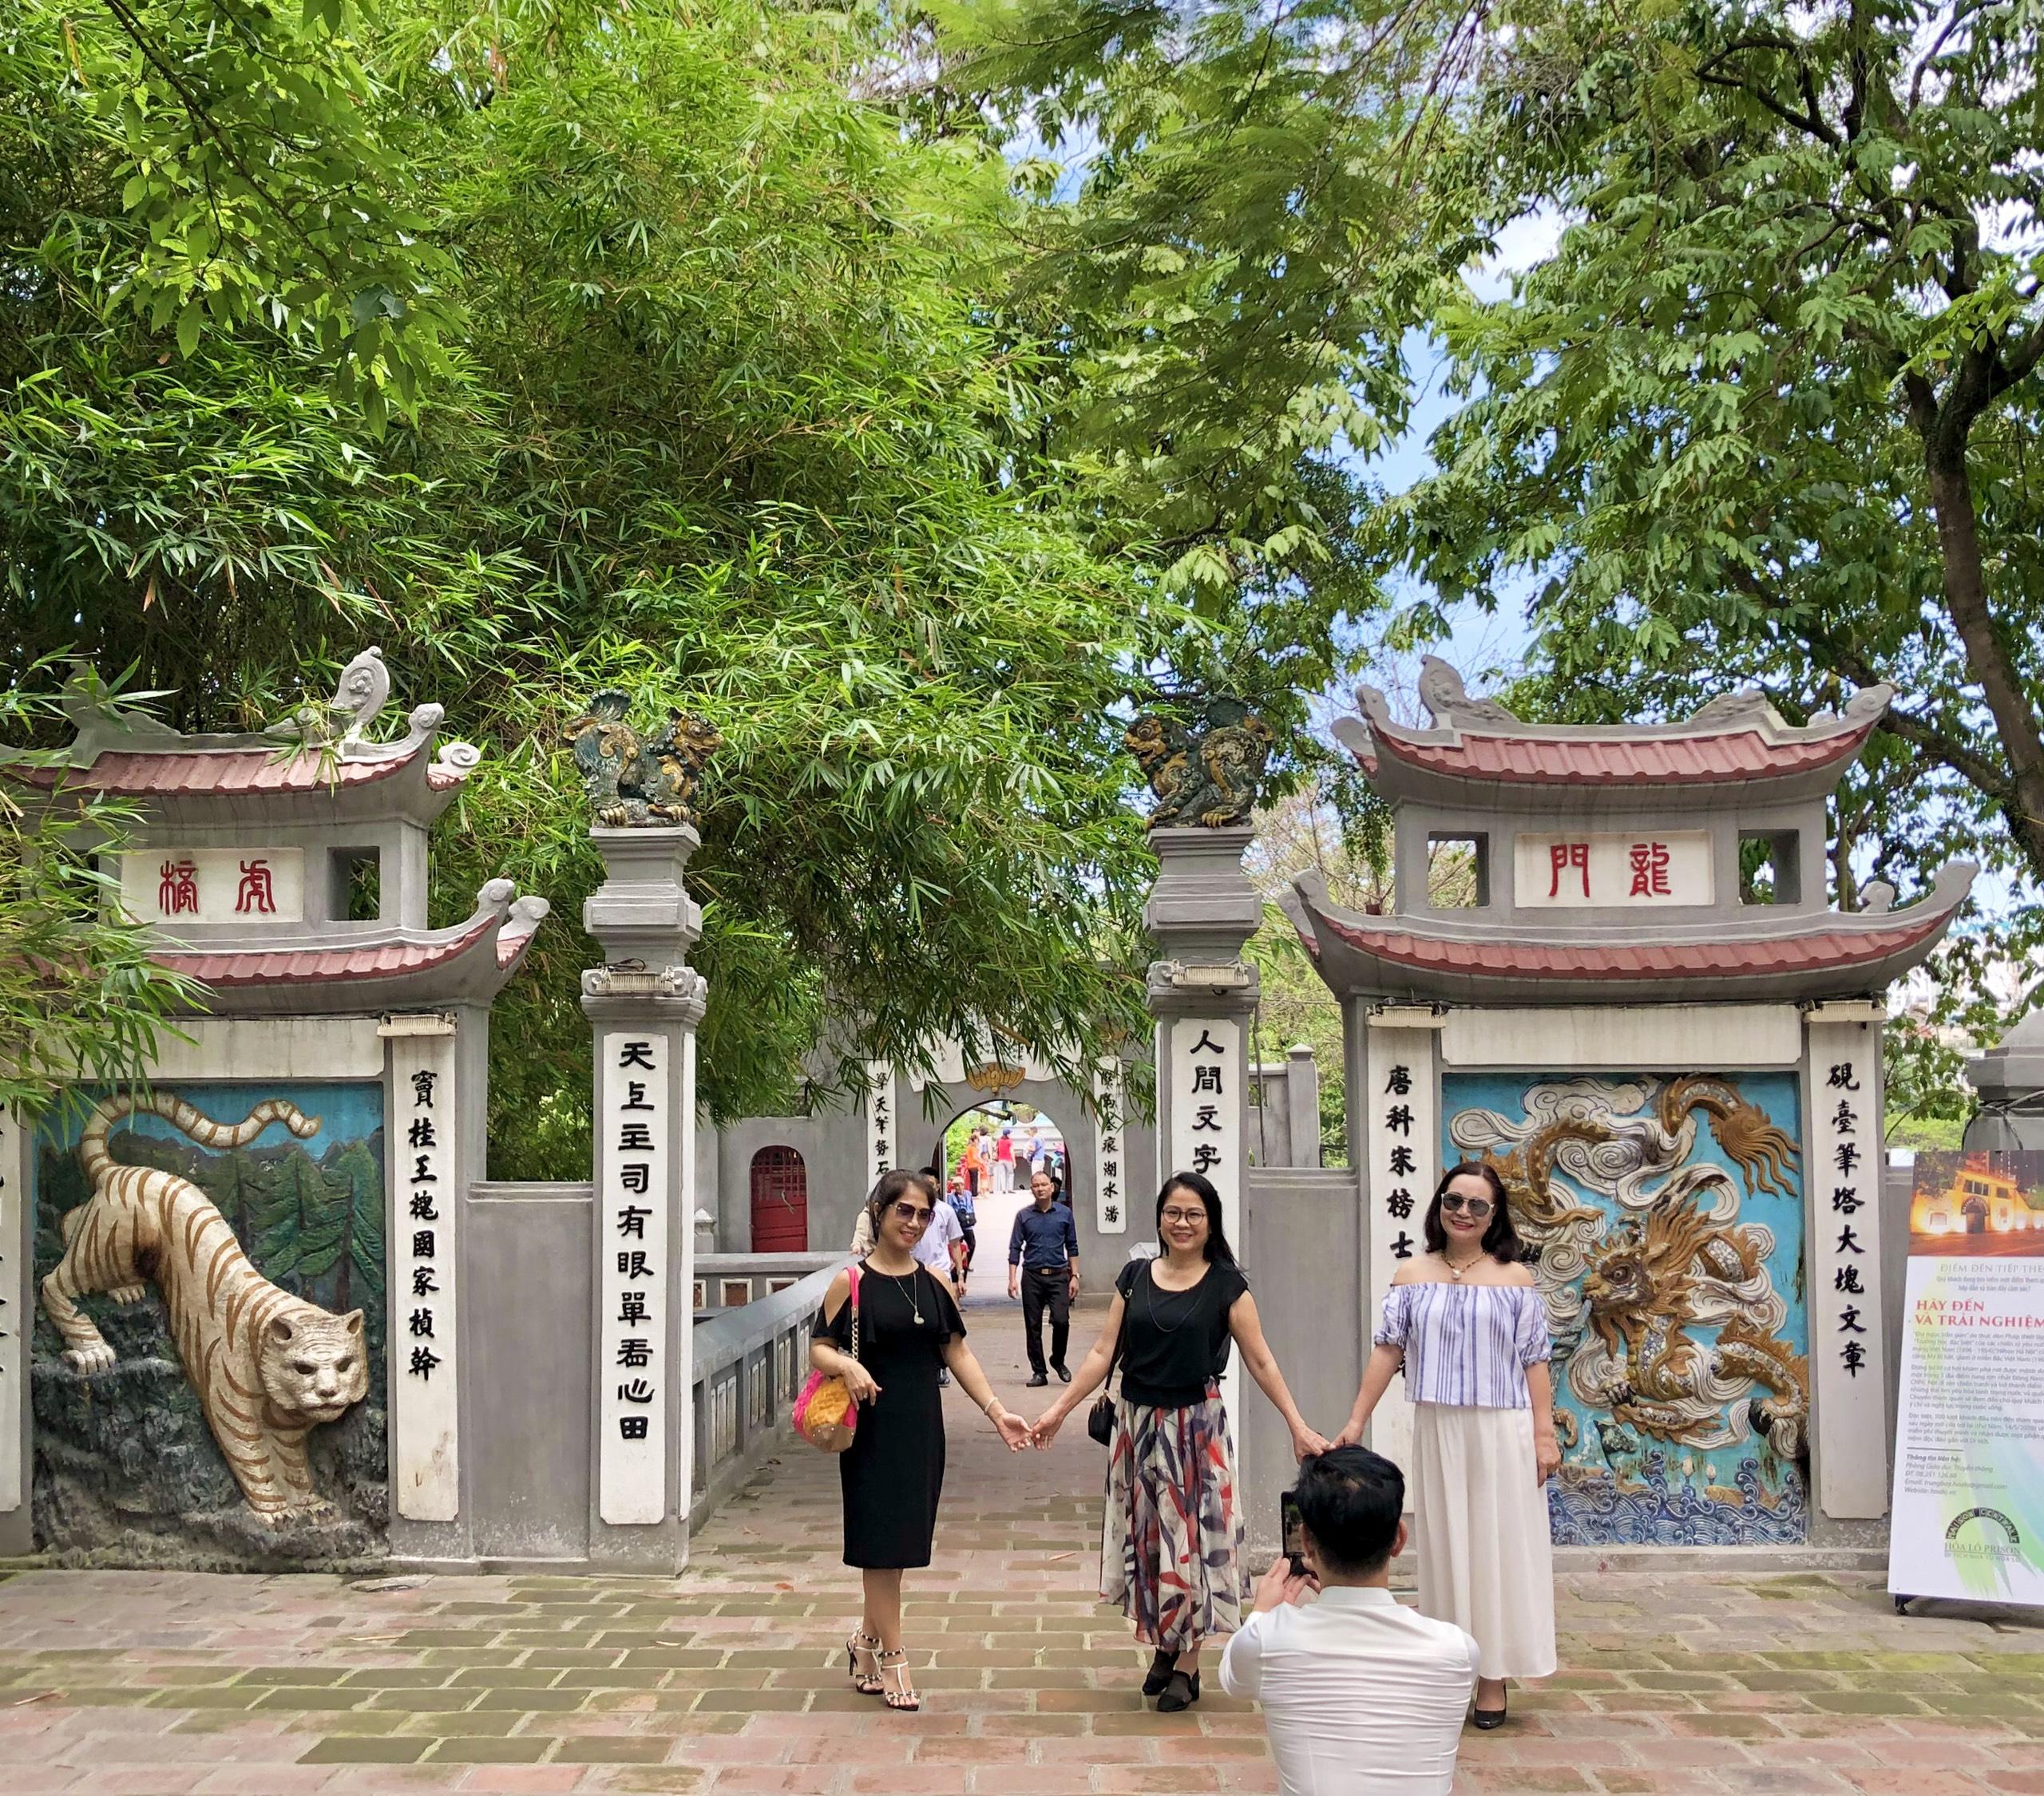 Tín hiệu khả quan cho thị trường du lịch Hà Nội - Ảnh 1.